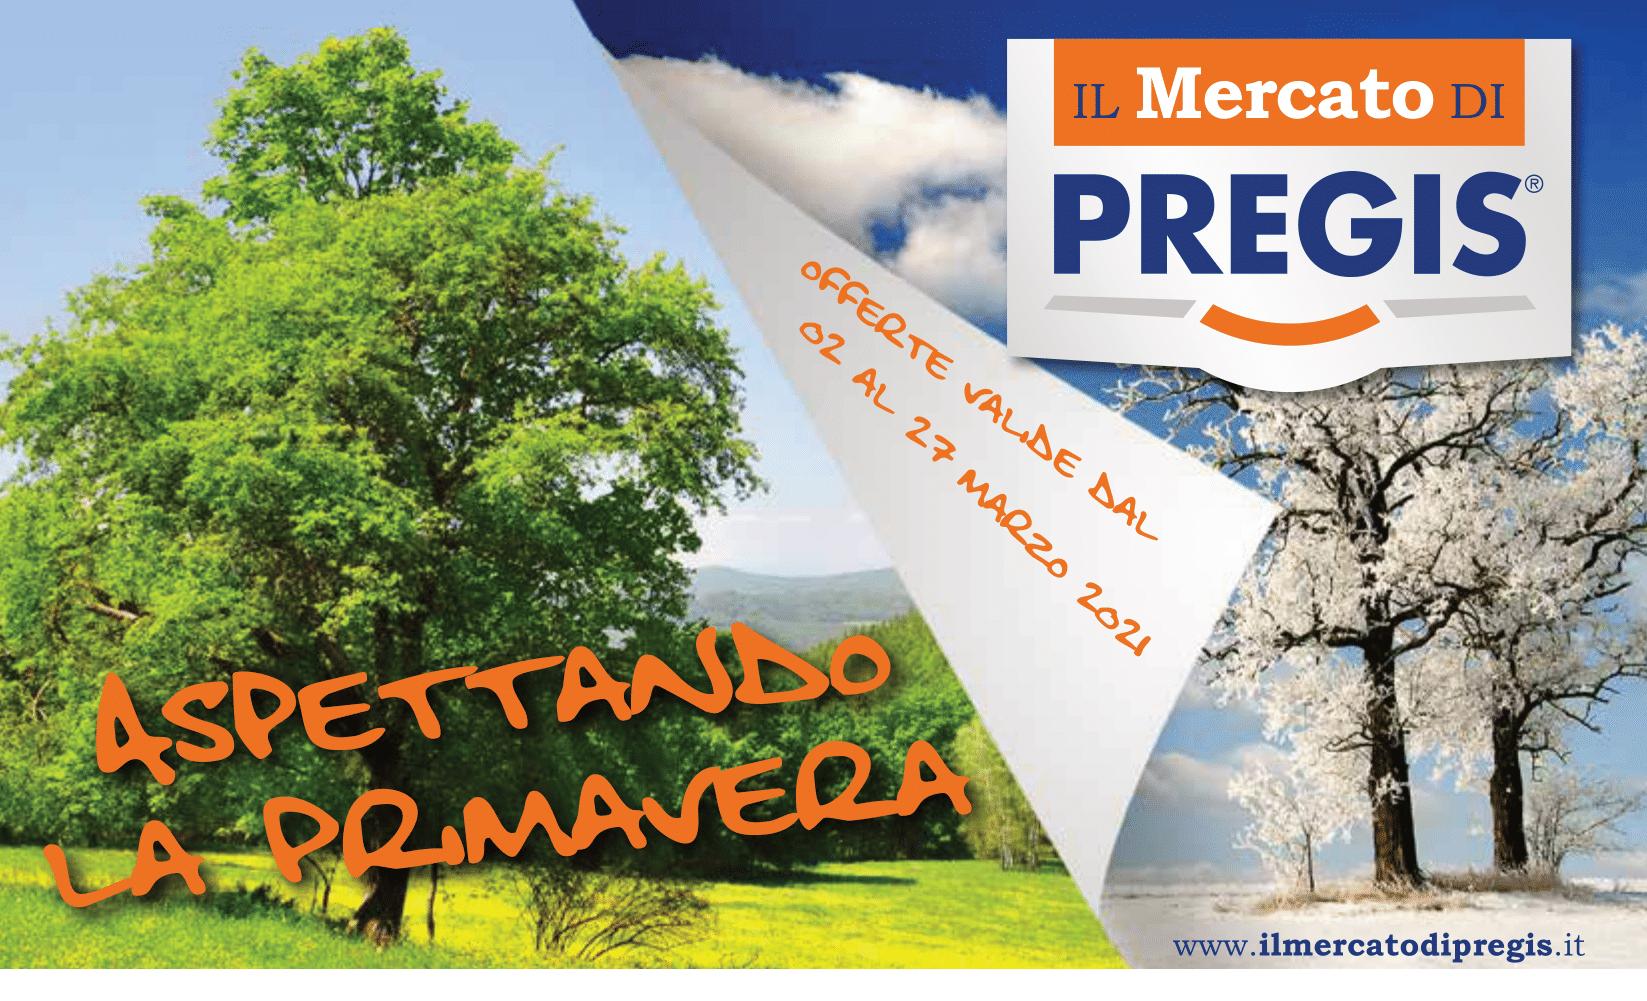 Volantino IL MERCATO DI PREGIS_valido dal 02 al 27.03.2021_cop-1